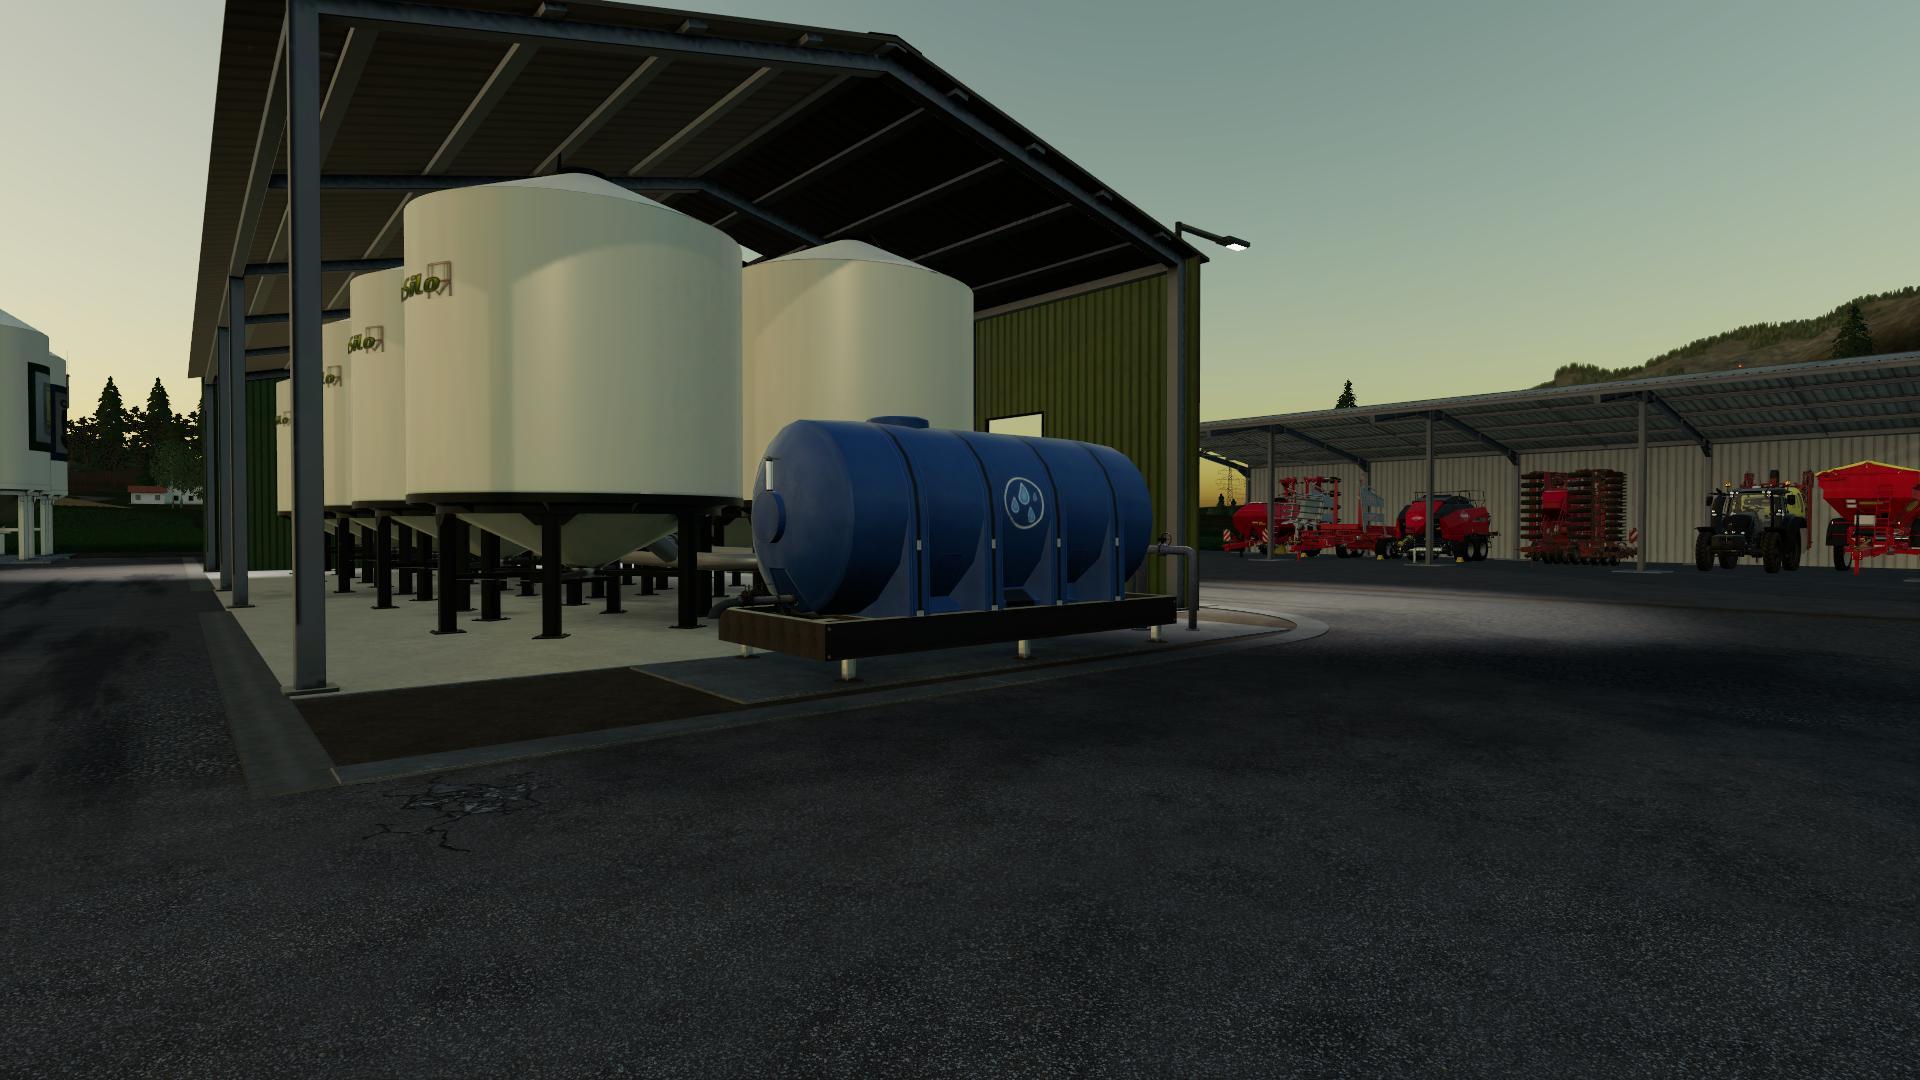 Wasserstation v 1.0